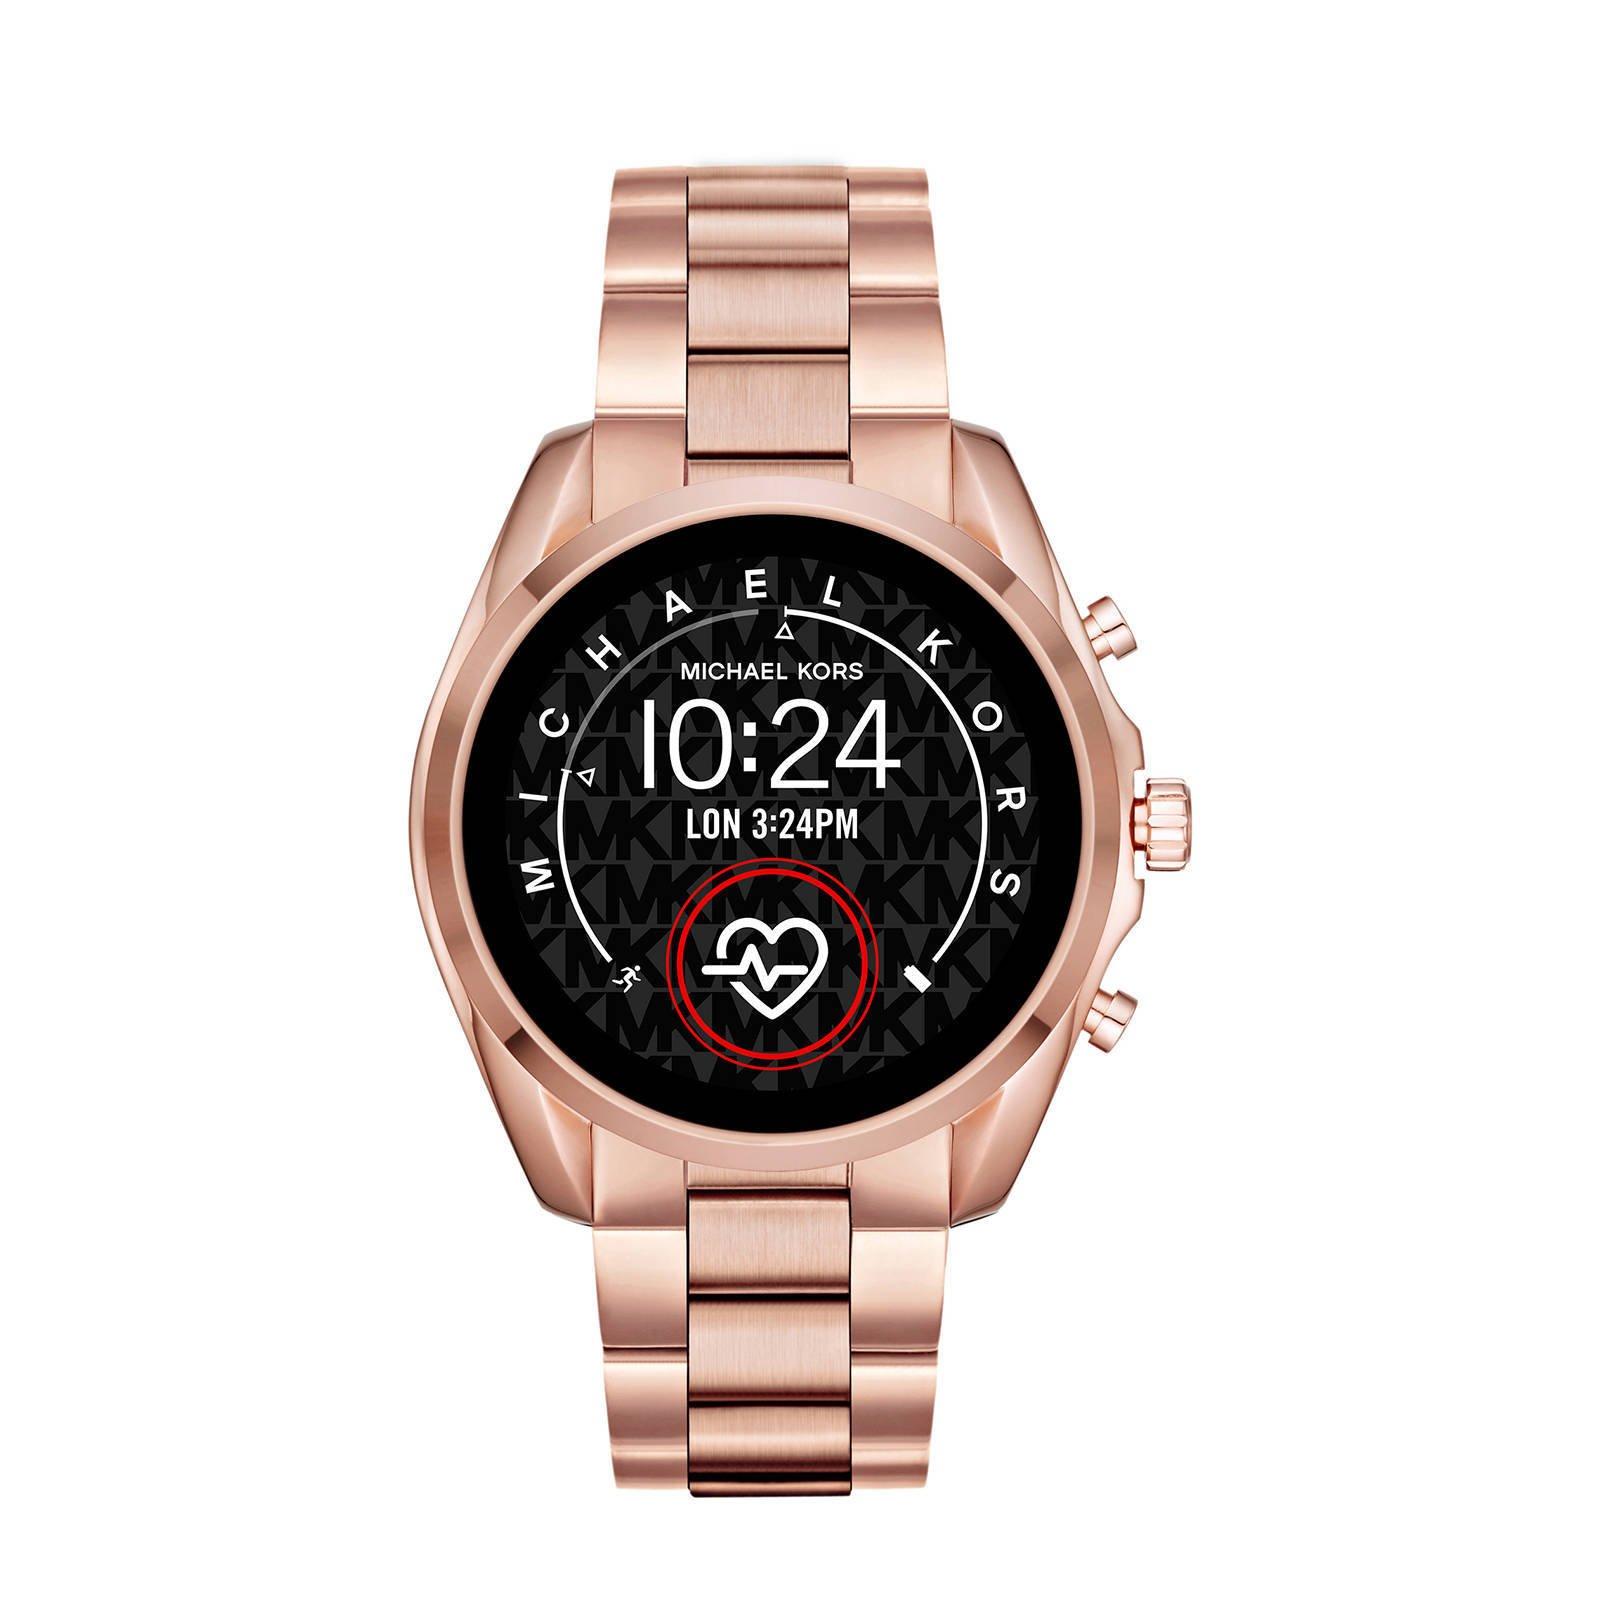 Bradshaw 2 Gen 5 Smartwatch MKT5086